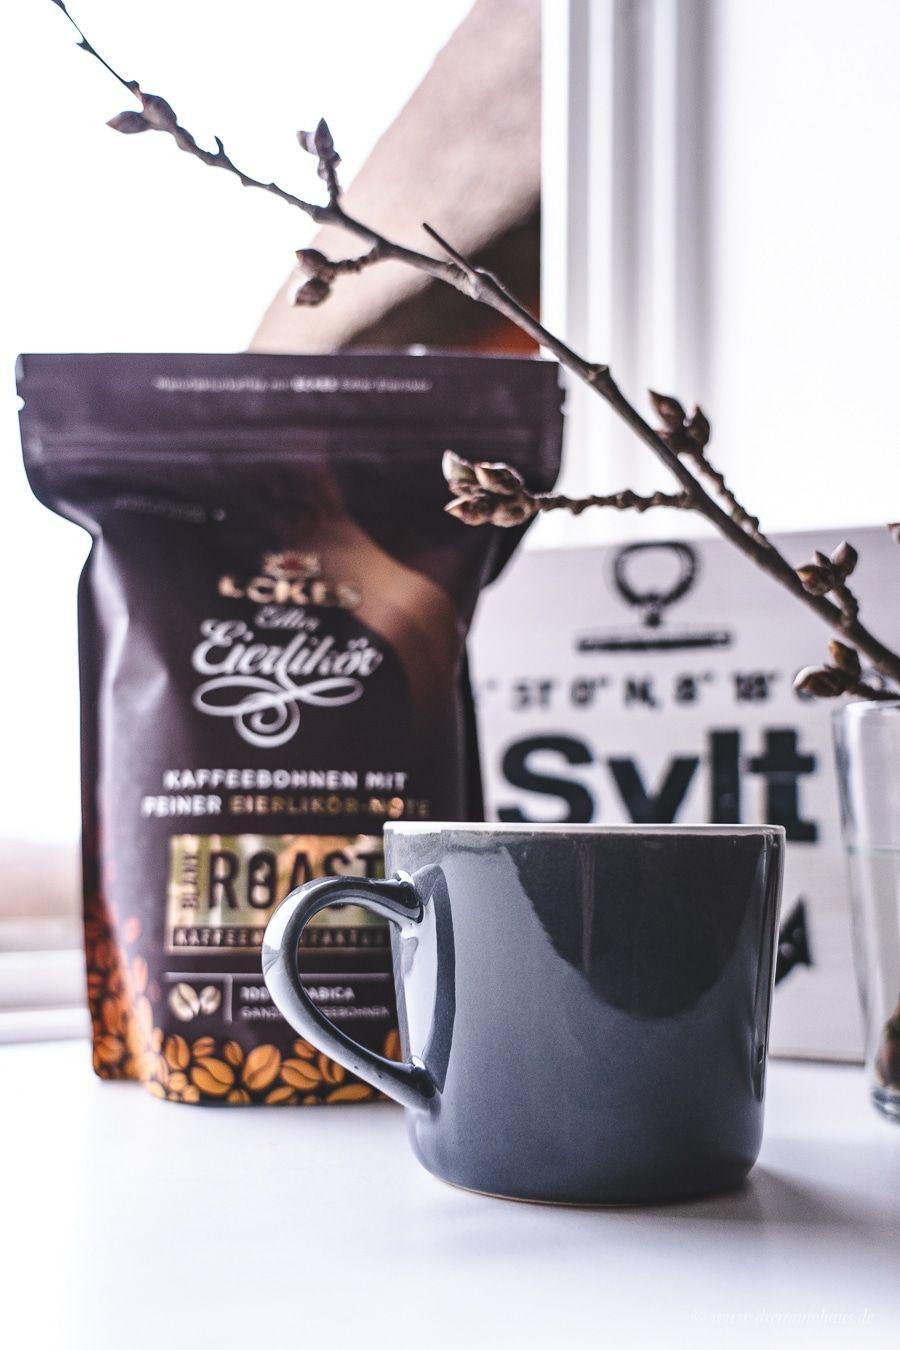 dreiraumhaus ue40 lifestyleblog leipzig kale and me saftkur eckes kaffee eierlikoer bauerfeind. Black Bedroom Furniture Sets. Home Design Ideas